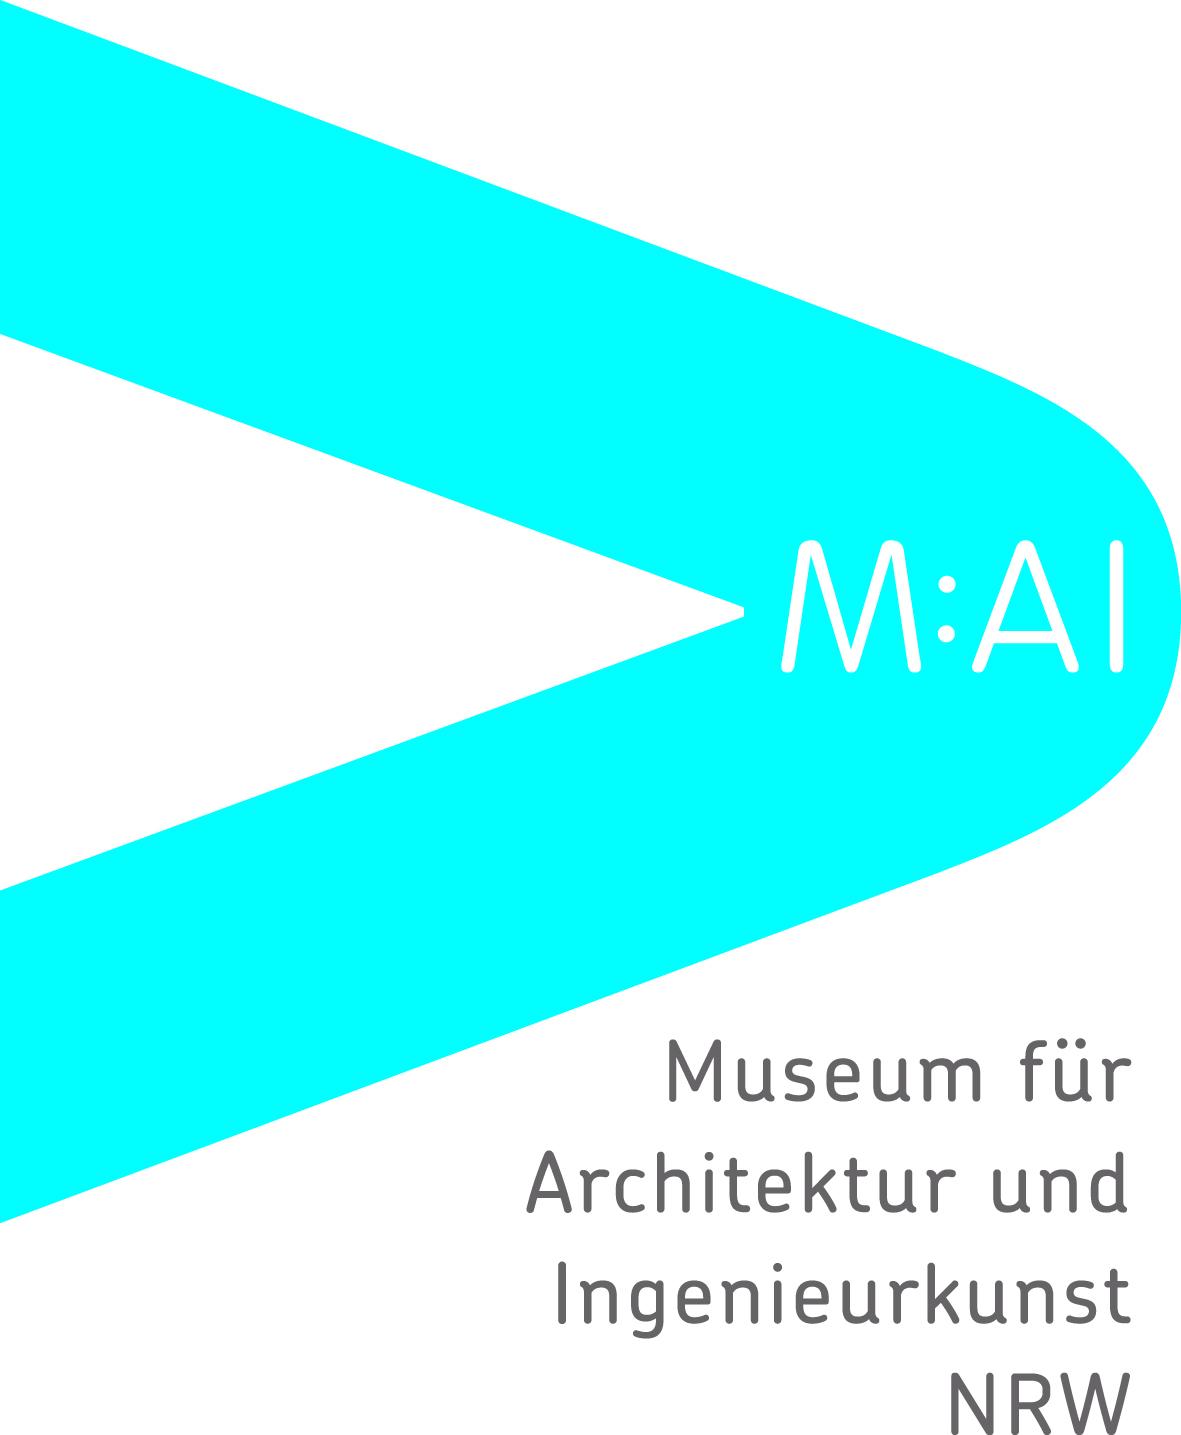 mai_logo_2012_links_rechts_zw.indd